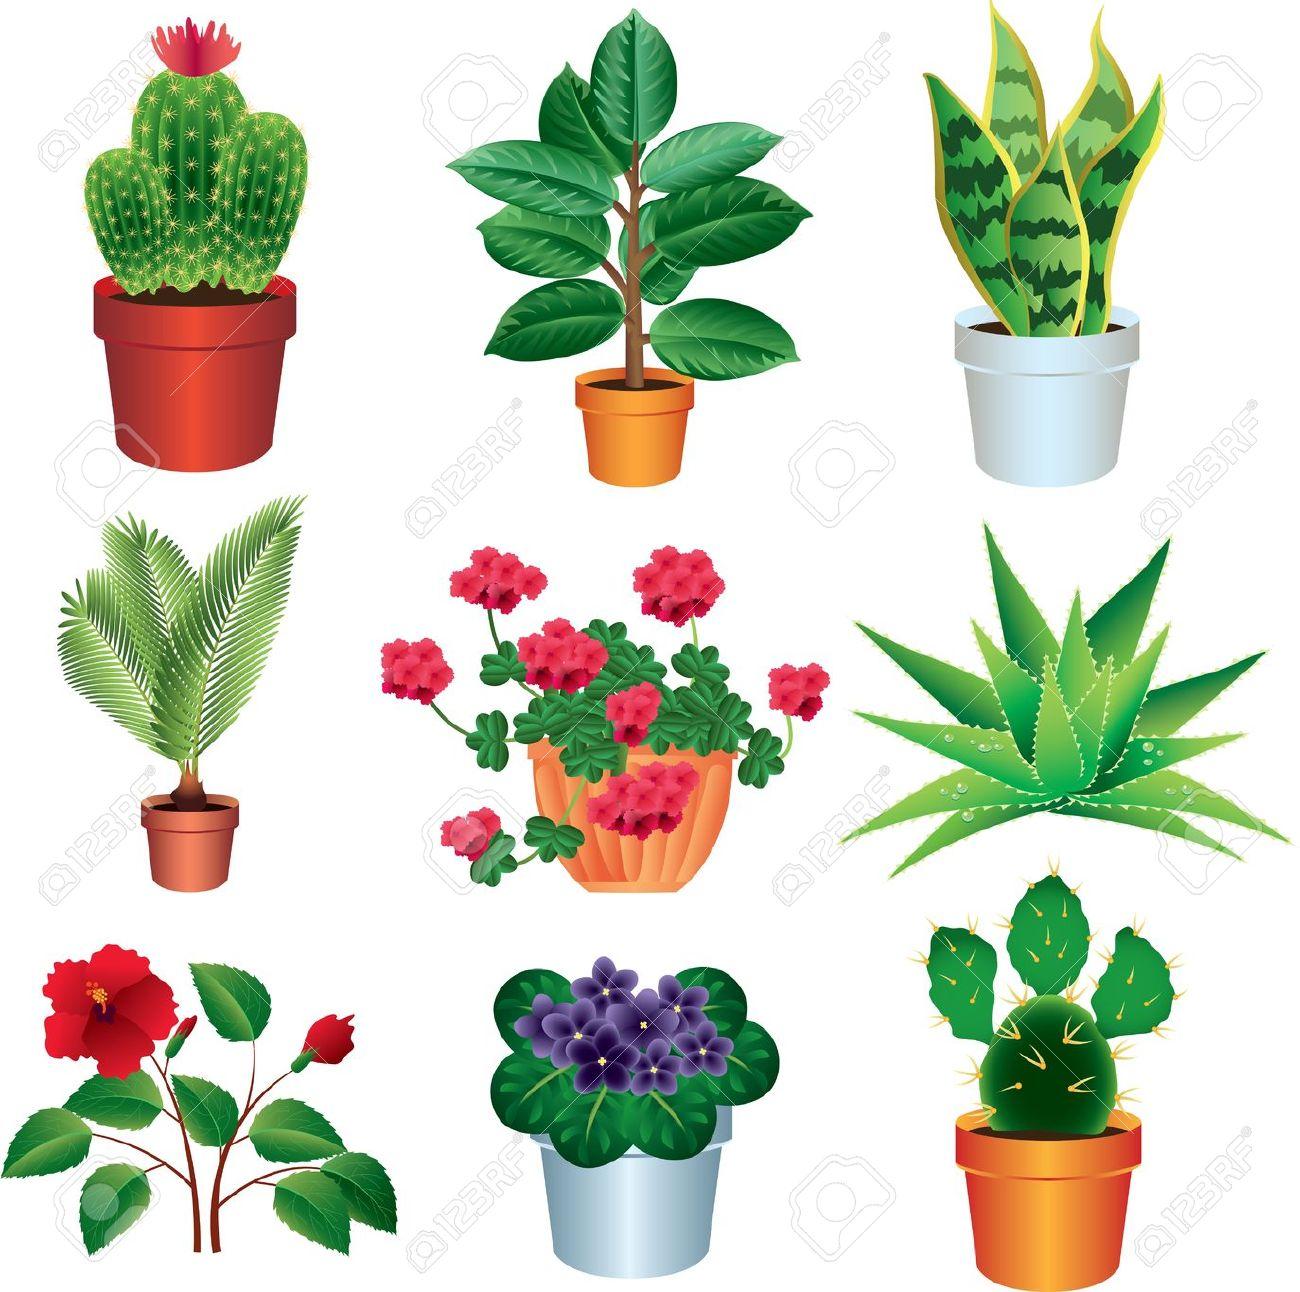 Garden shrub clipart #18